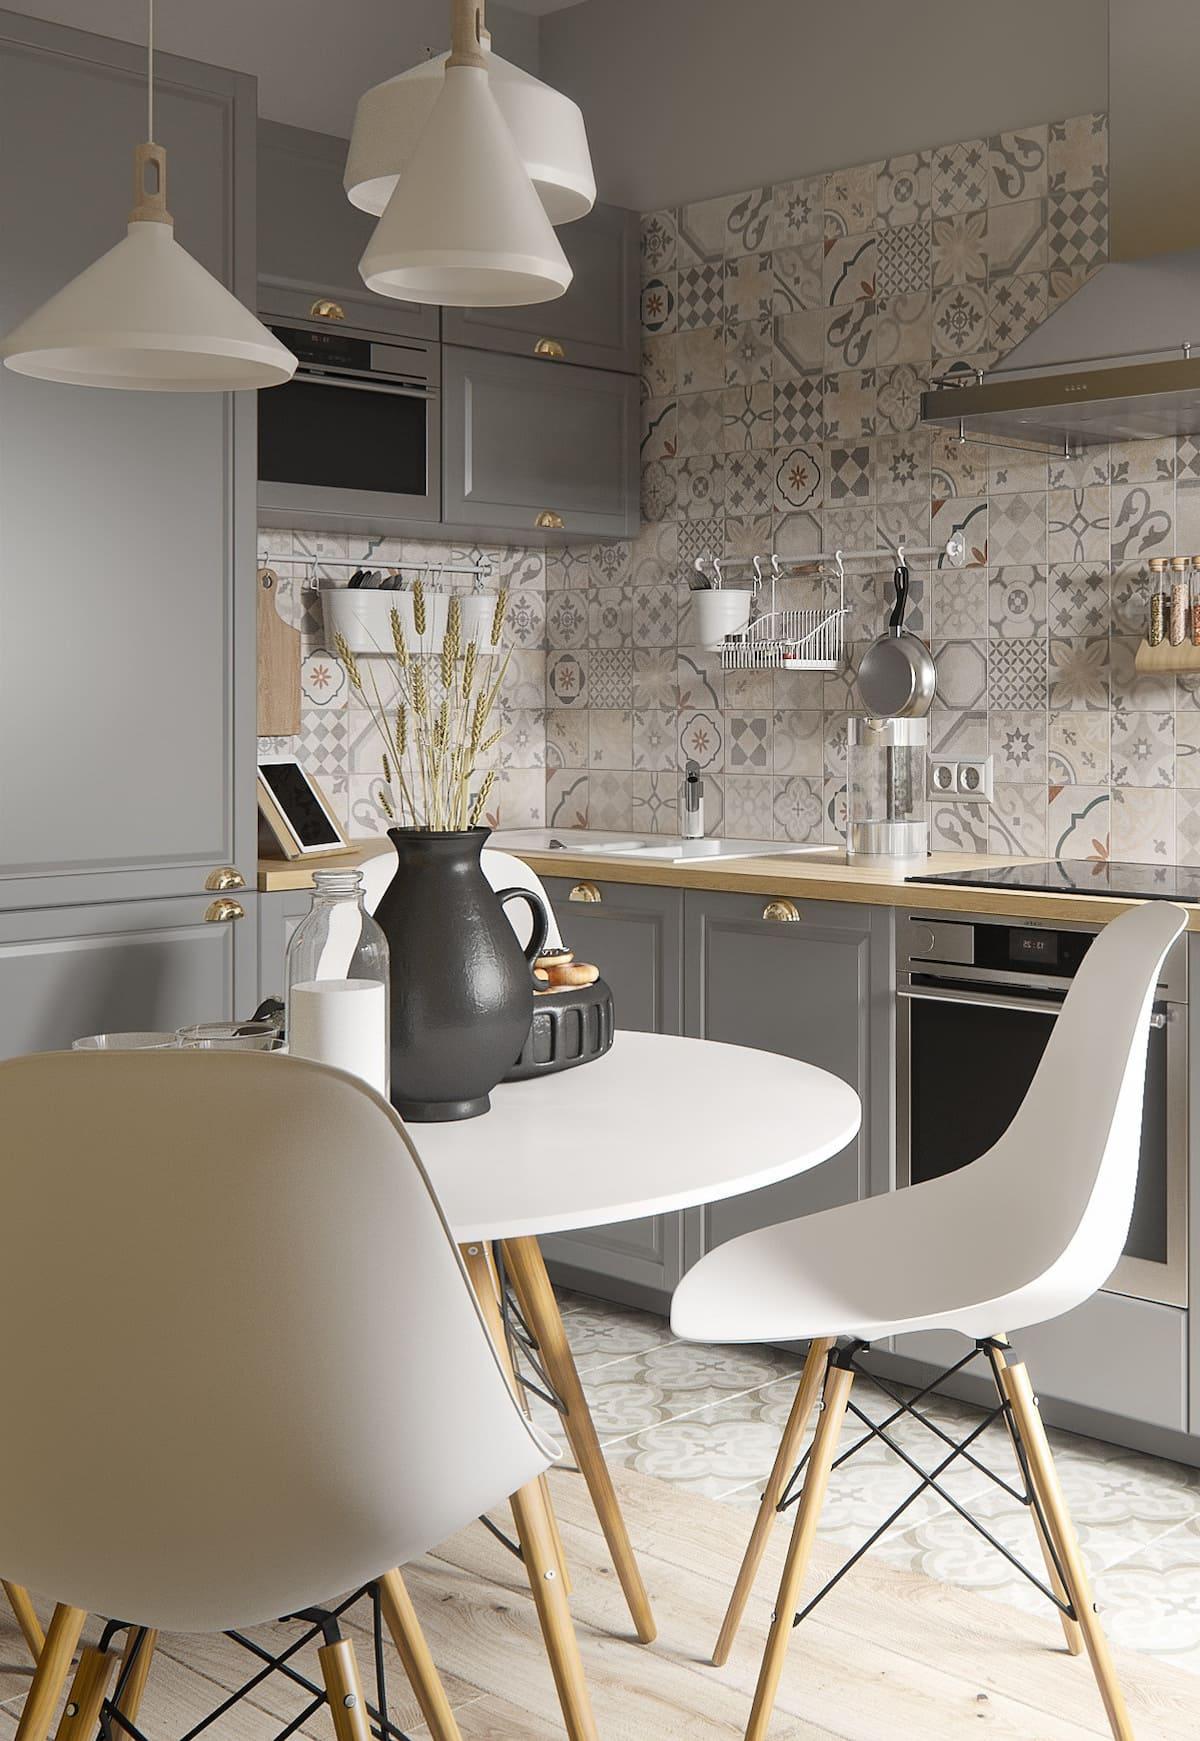 дизайн кухни в современном стиле фото 39